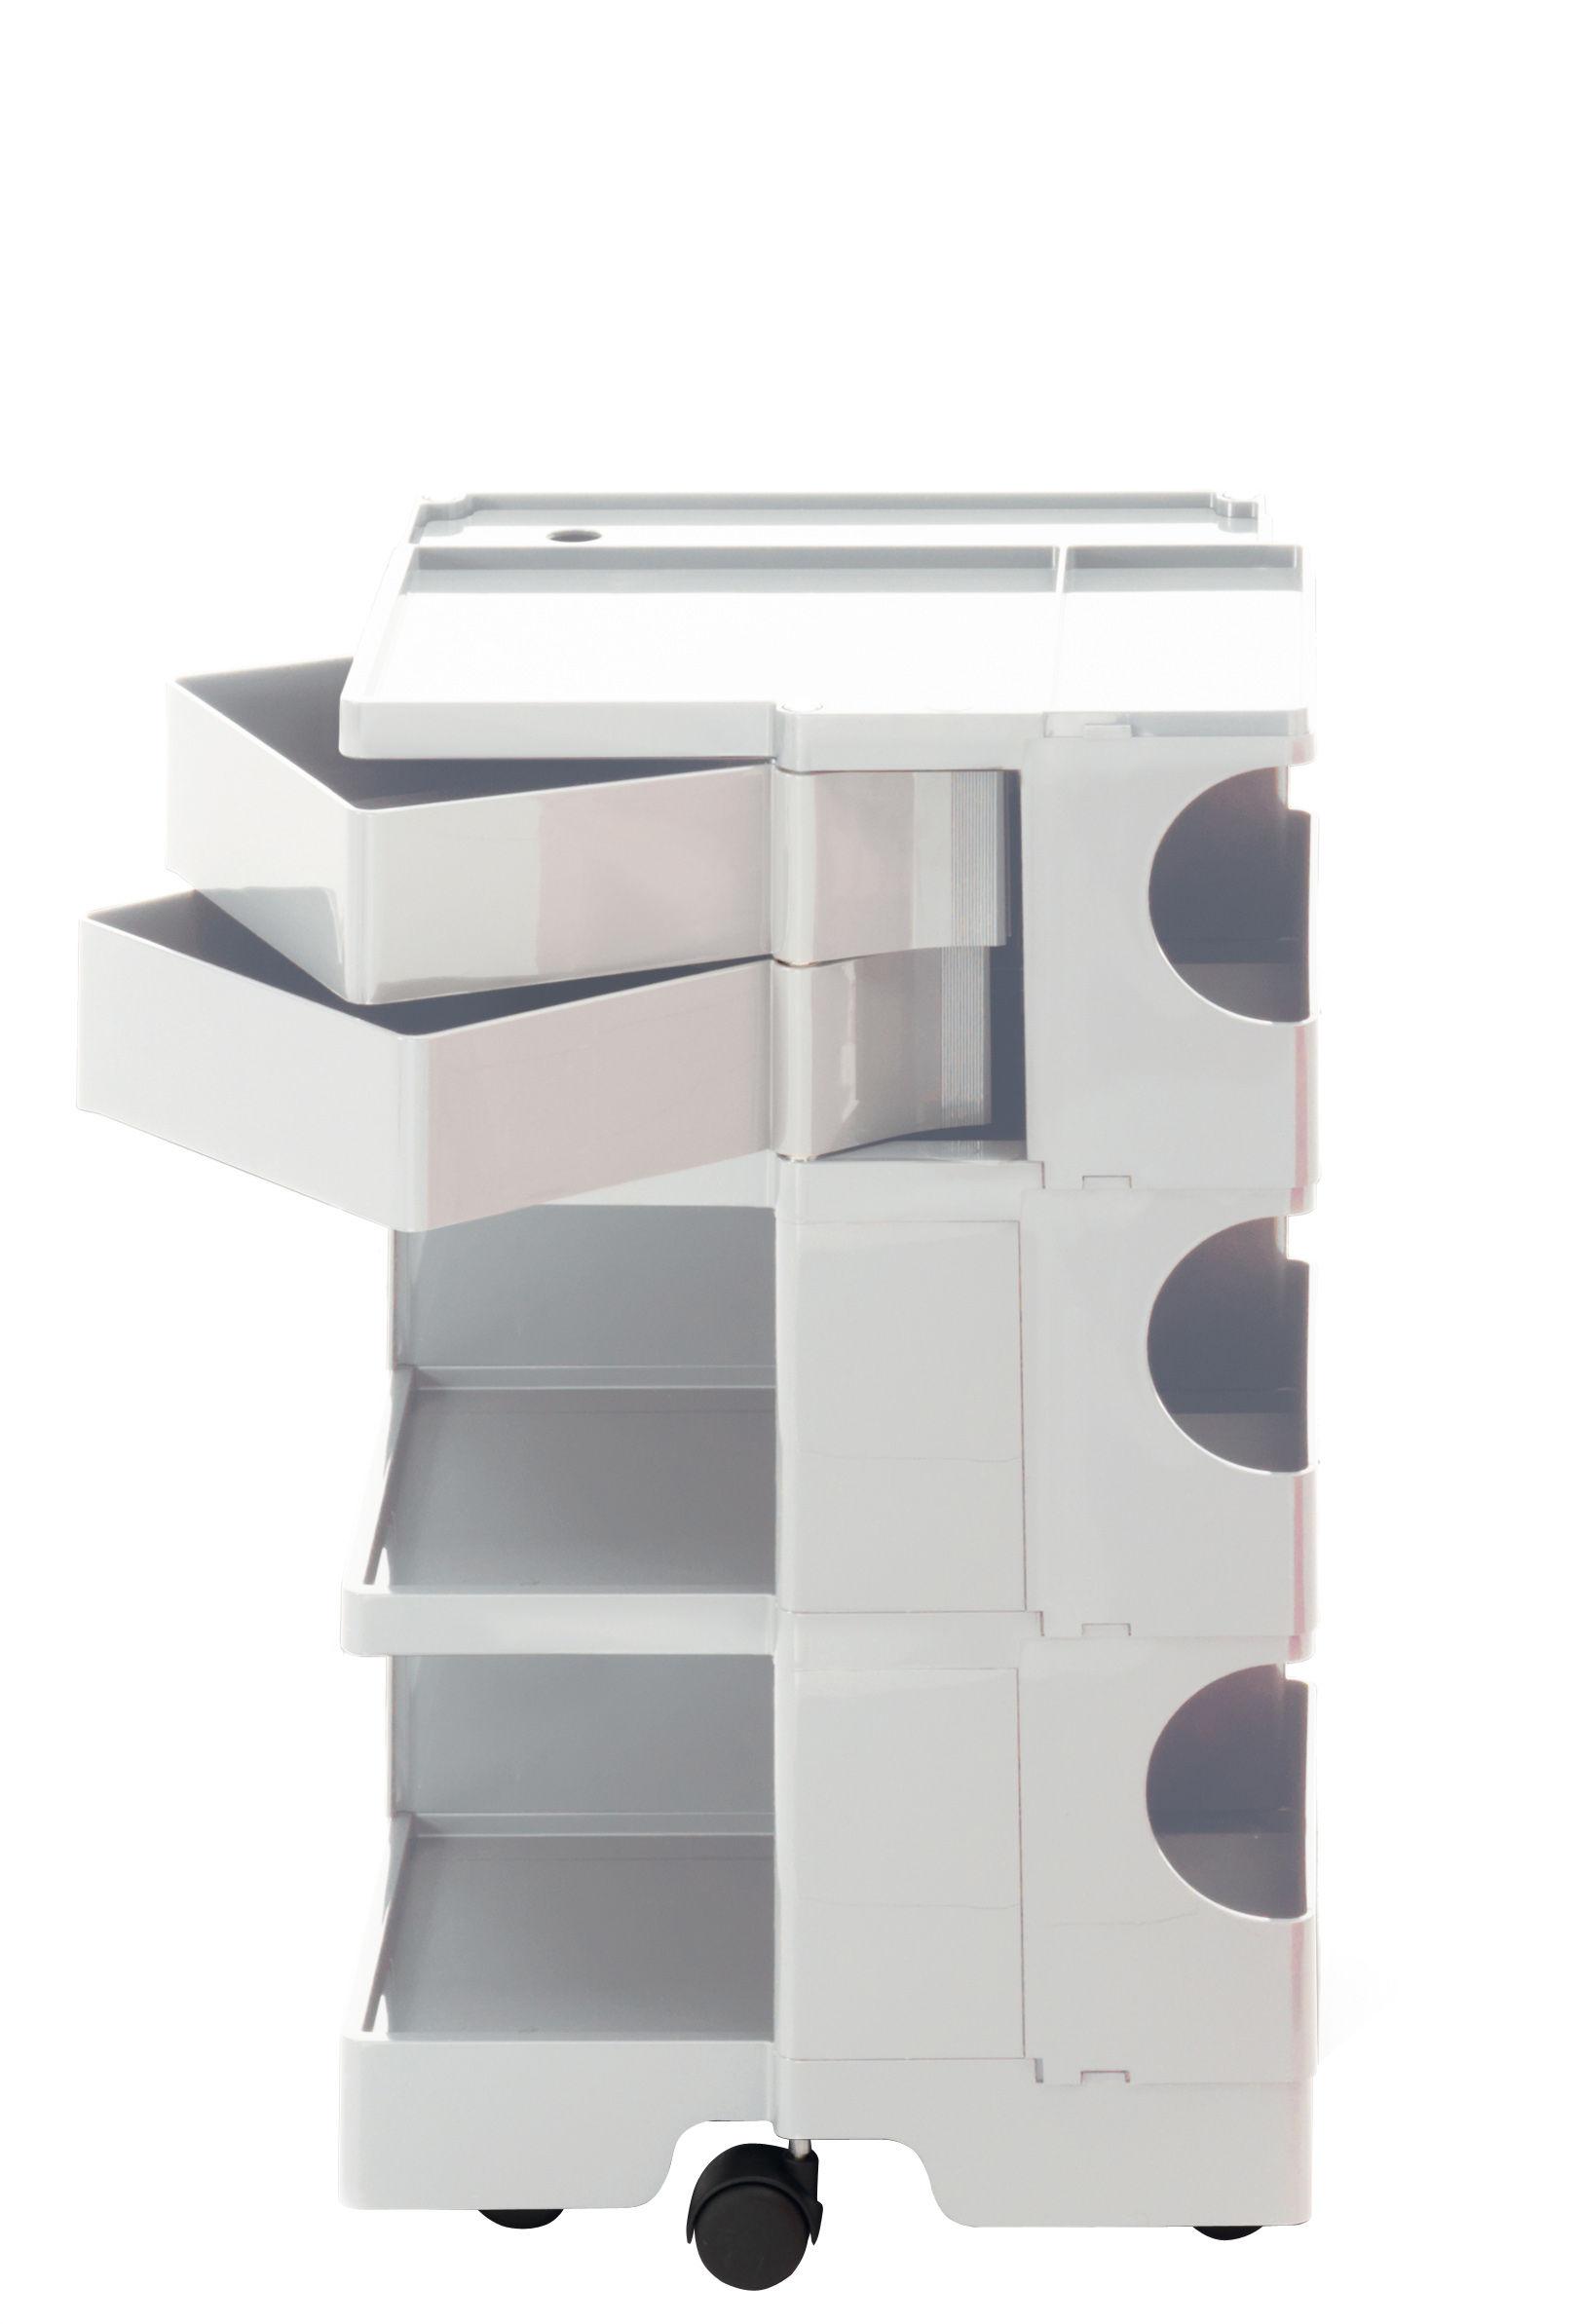 Mobilier - Compléments d'ameublement - Desserte Boby / H 73 cm - 2 tiroirs - B-LINE - Blanc - ABS